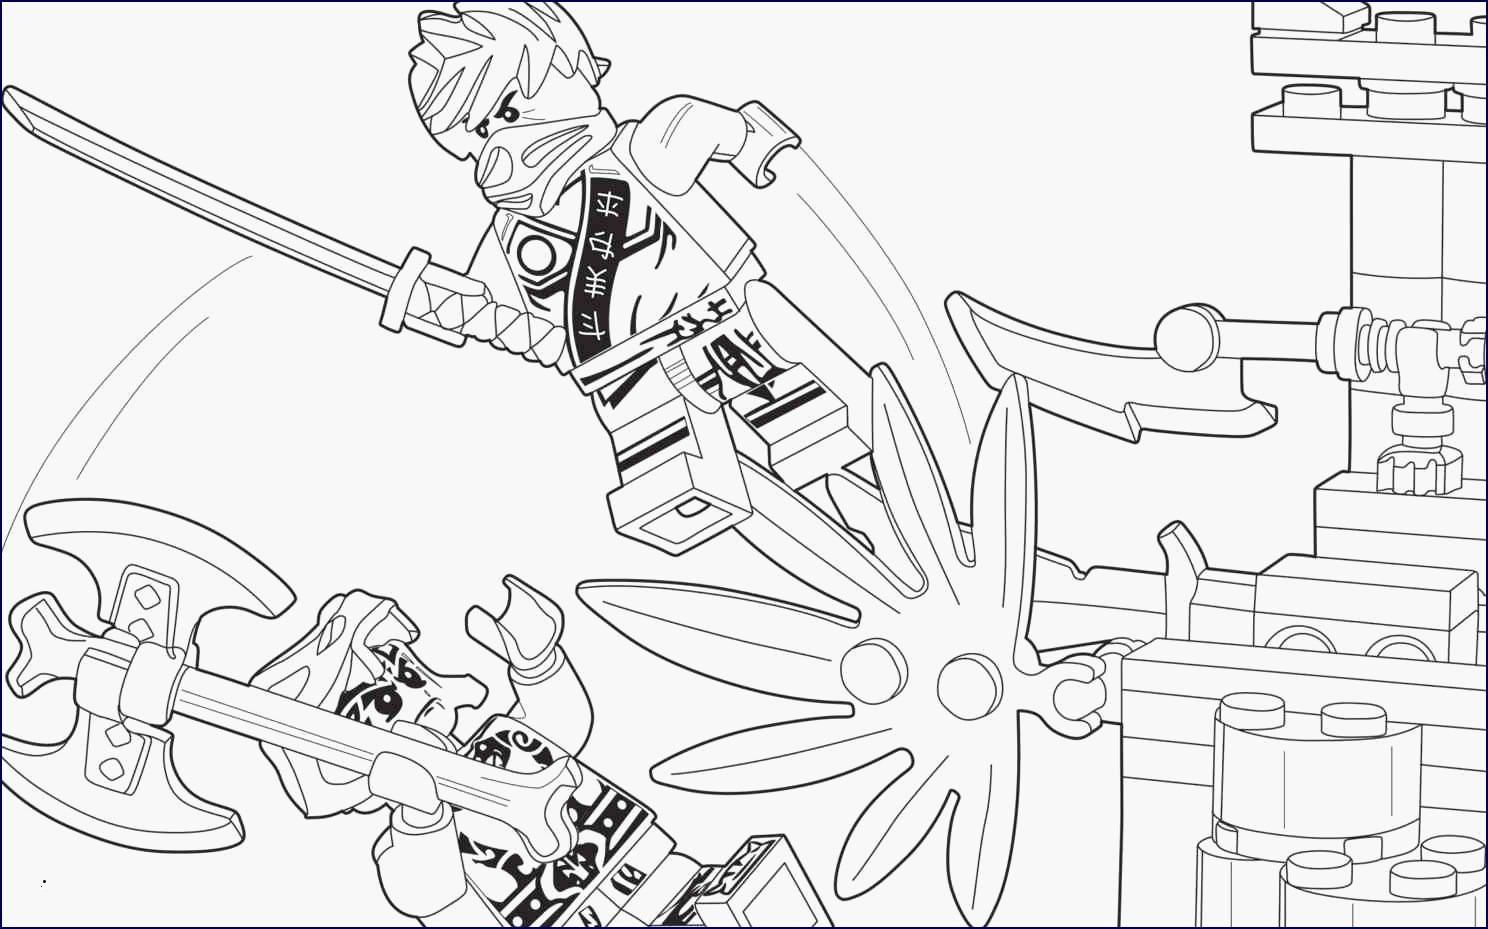 Ausmalbild Bibi Und Tina Auf Amadeus Und Sabrina Inspirierend 40 Genial Ausmalbilder Ninjago Zum Ausdrucken Frisch Ninjago Bild